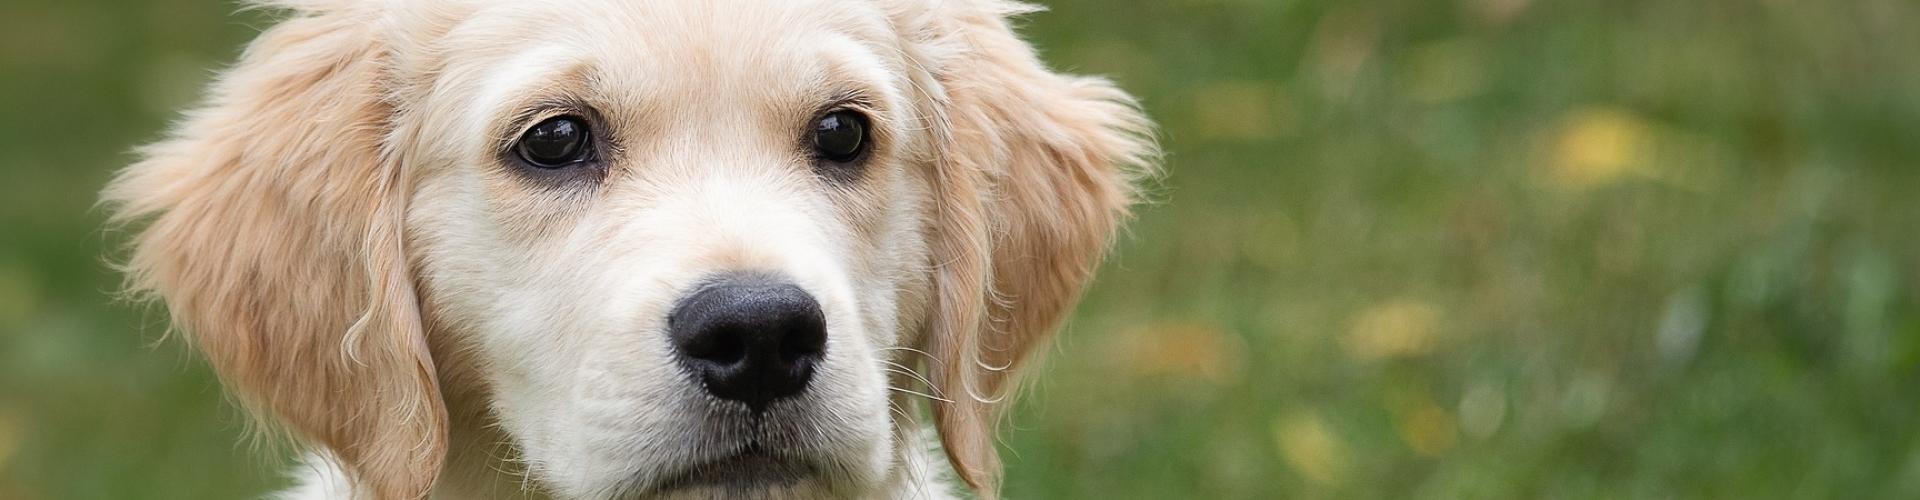 puppy hoofdje